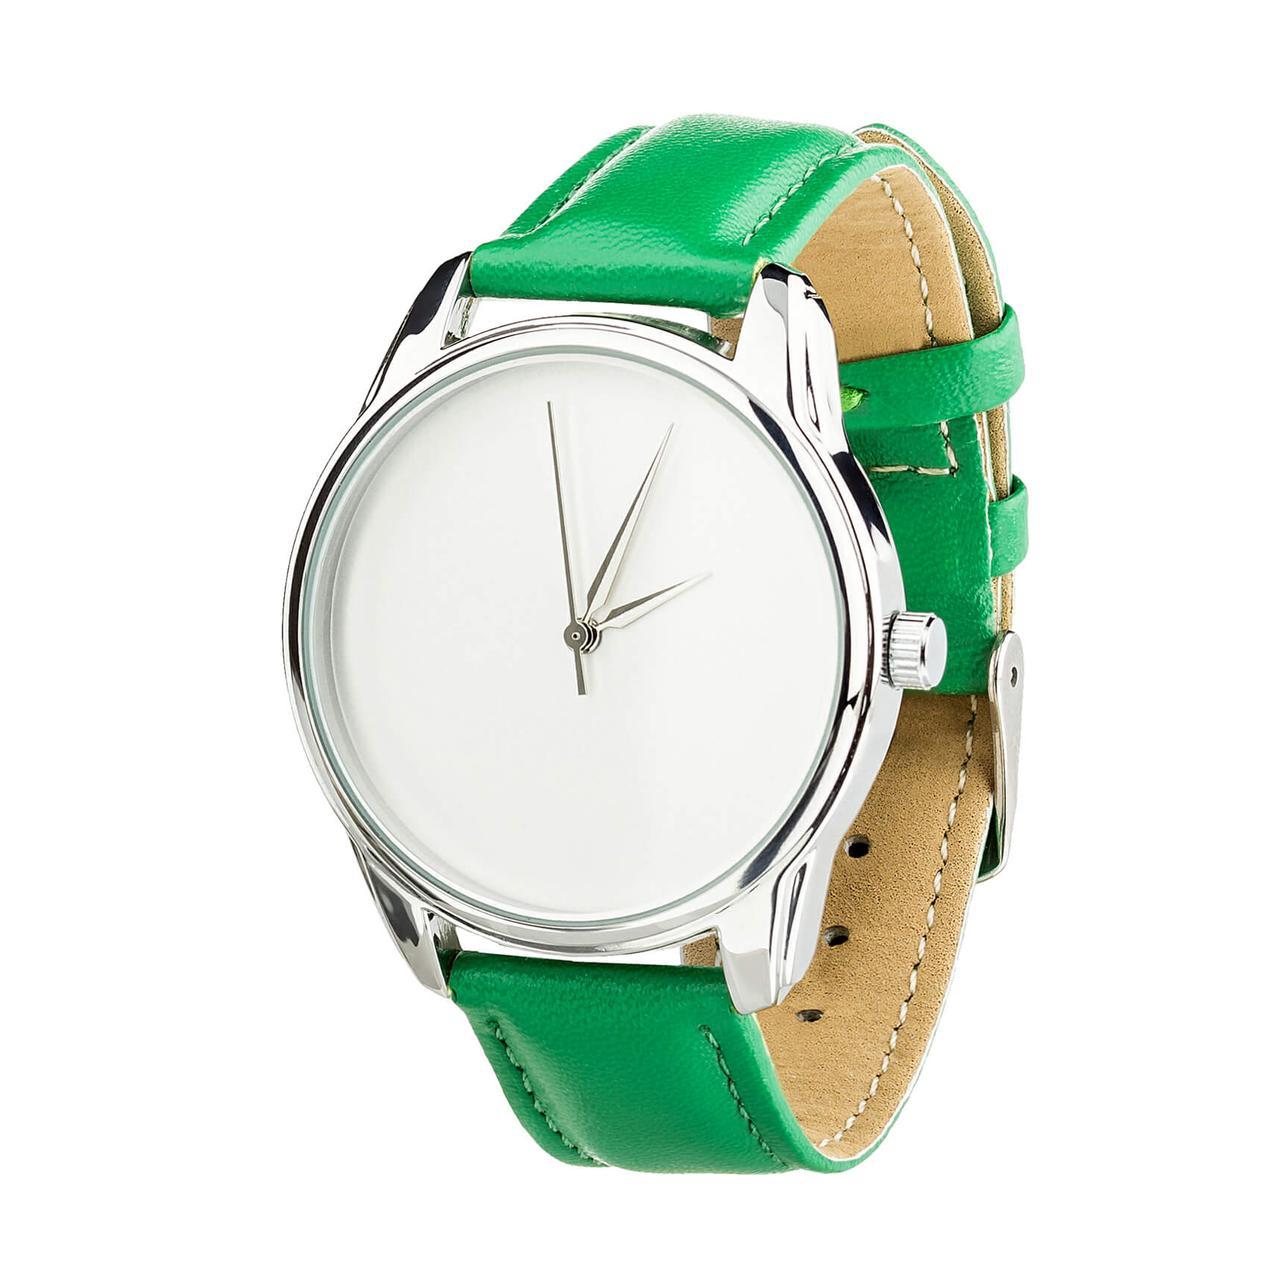 Часы ZIZ Минимализм (ремешок изумрудно - зеленый, серебро) + дополнительный ремешок